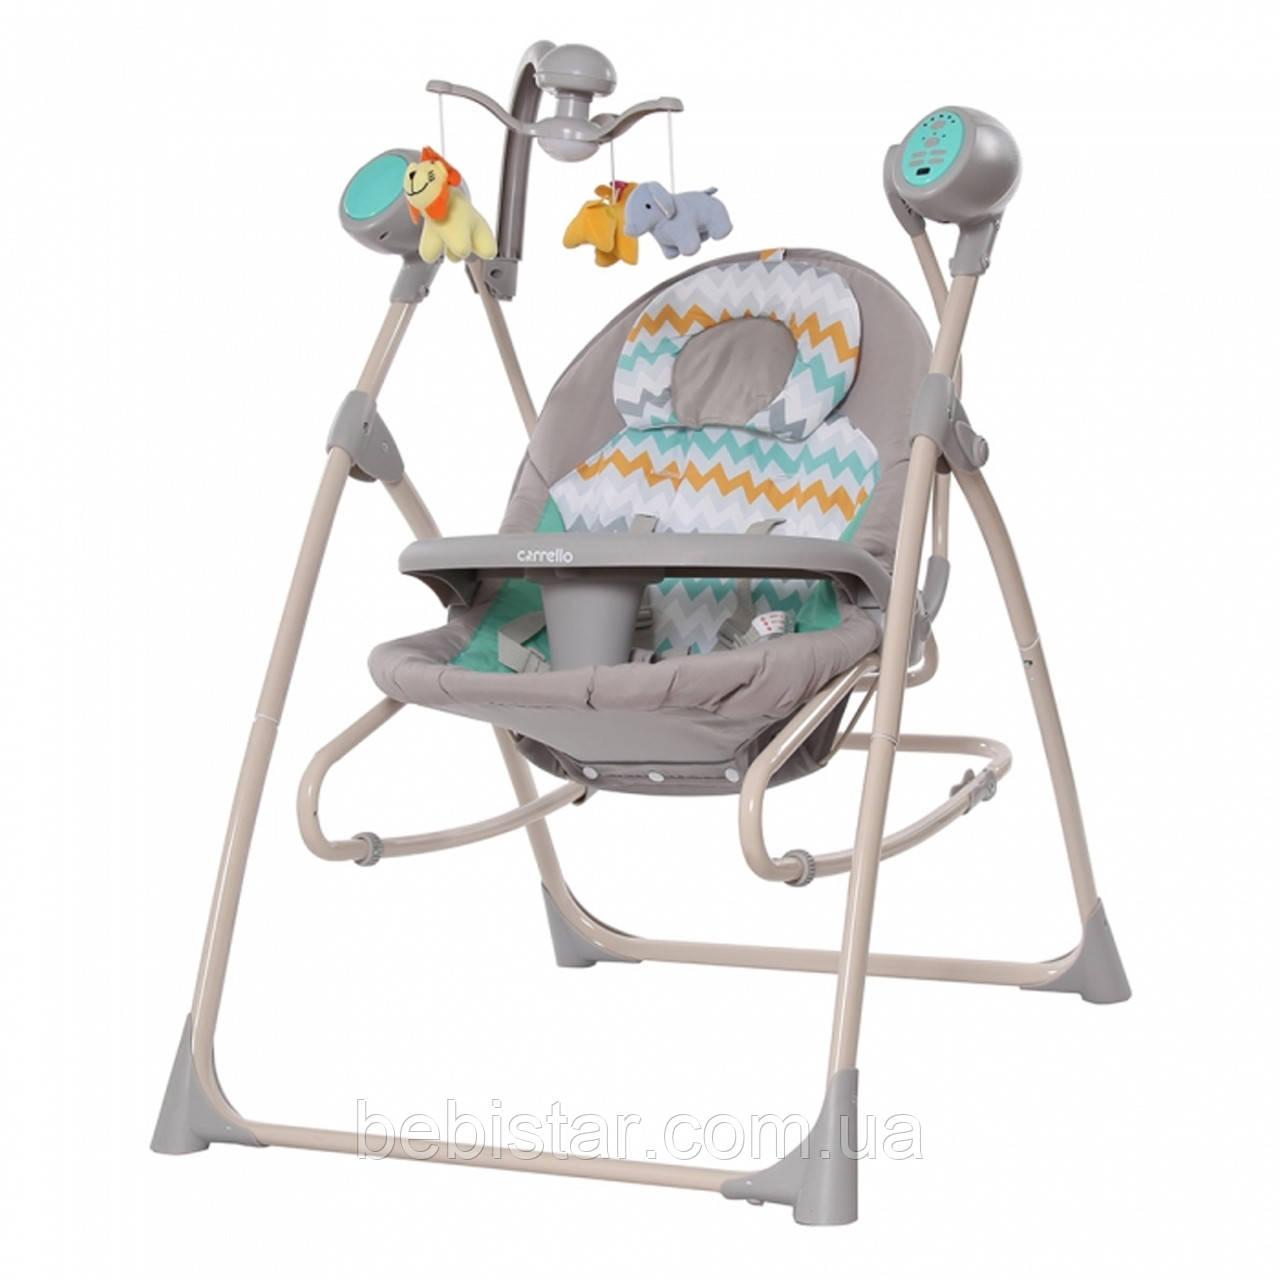 Кресло-качалка шезлонг 3в1 серая с бирюзой Carrello Nanny пульт съемный столик вкладыш вращающийся игрушки